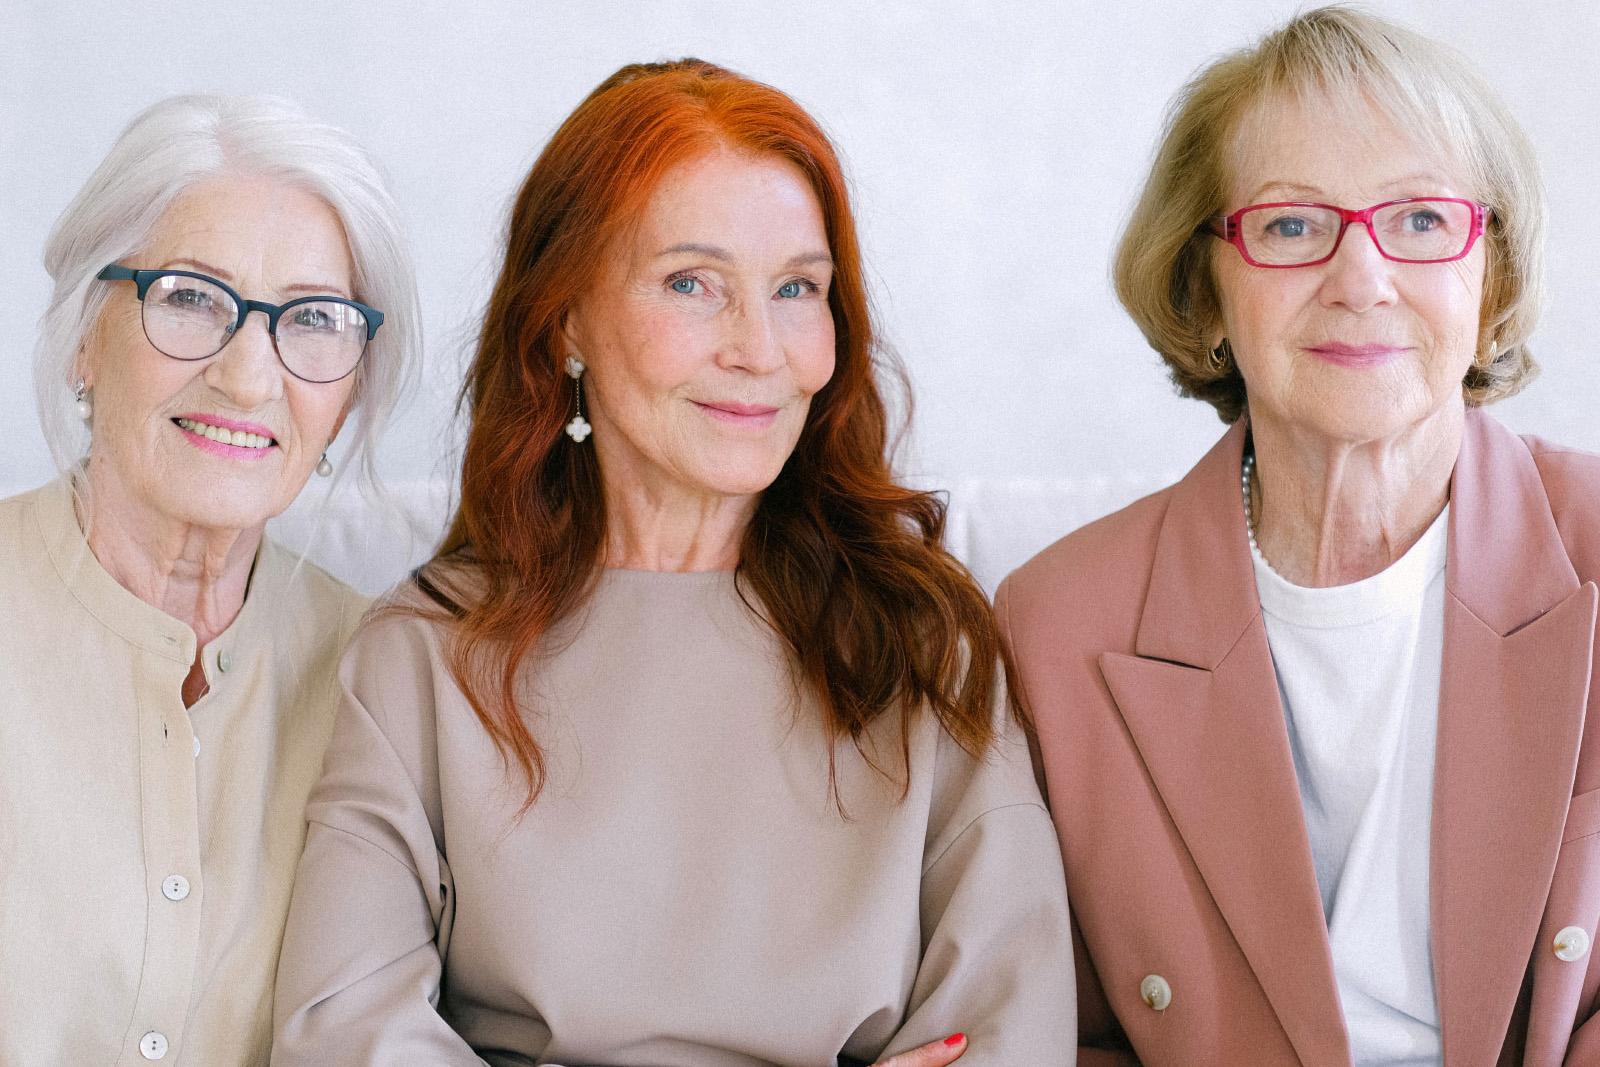 Three woman smiling at the camera